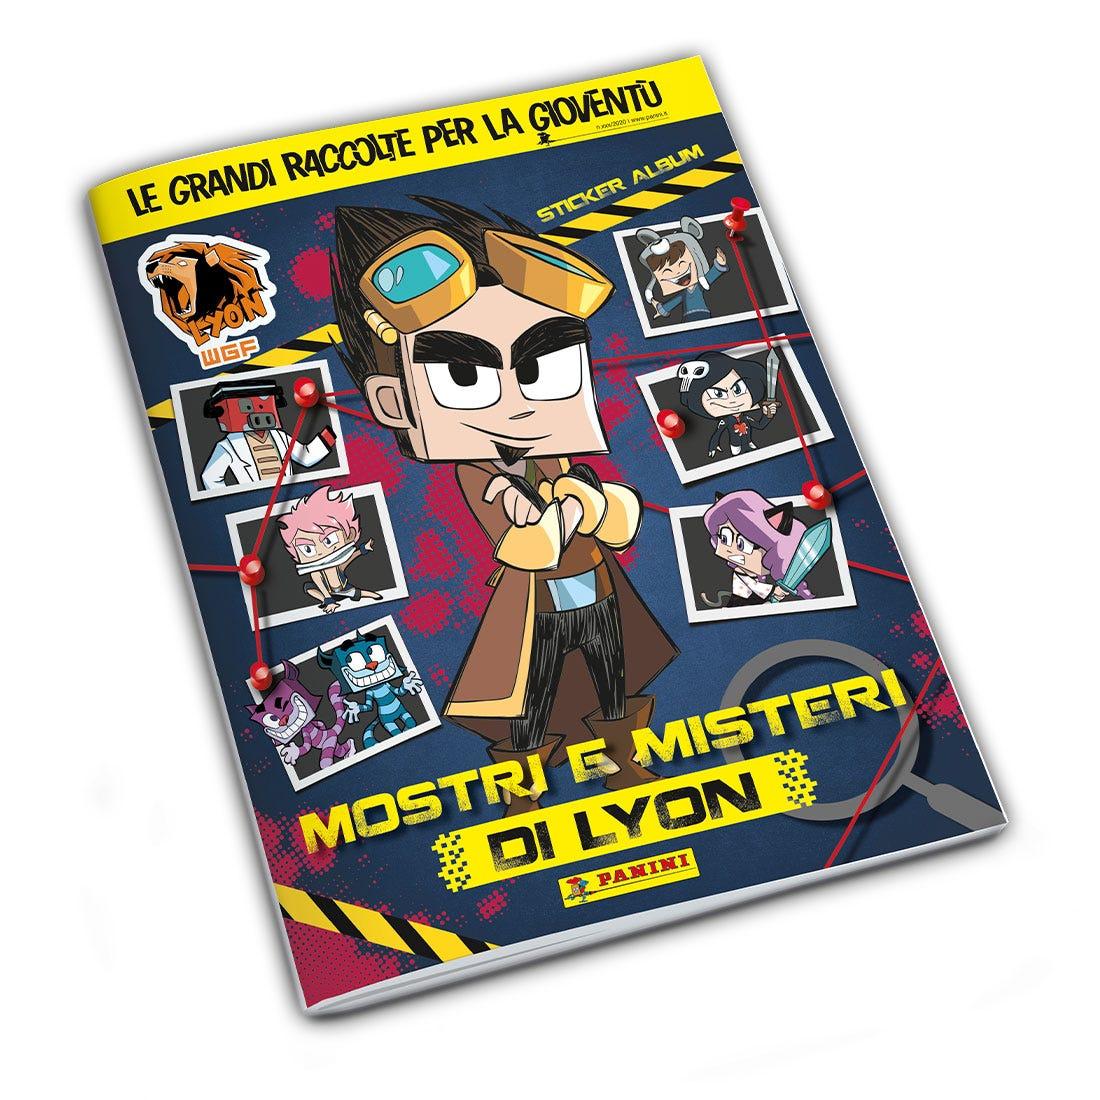 MOSTRI E MISTERI DI LYON Sticker Collection   Panini